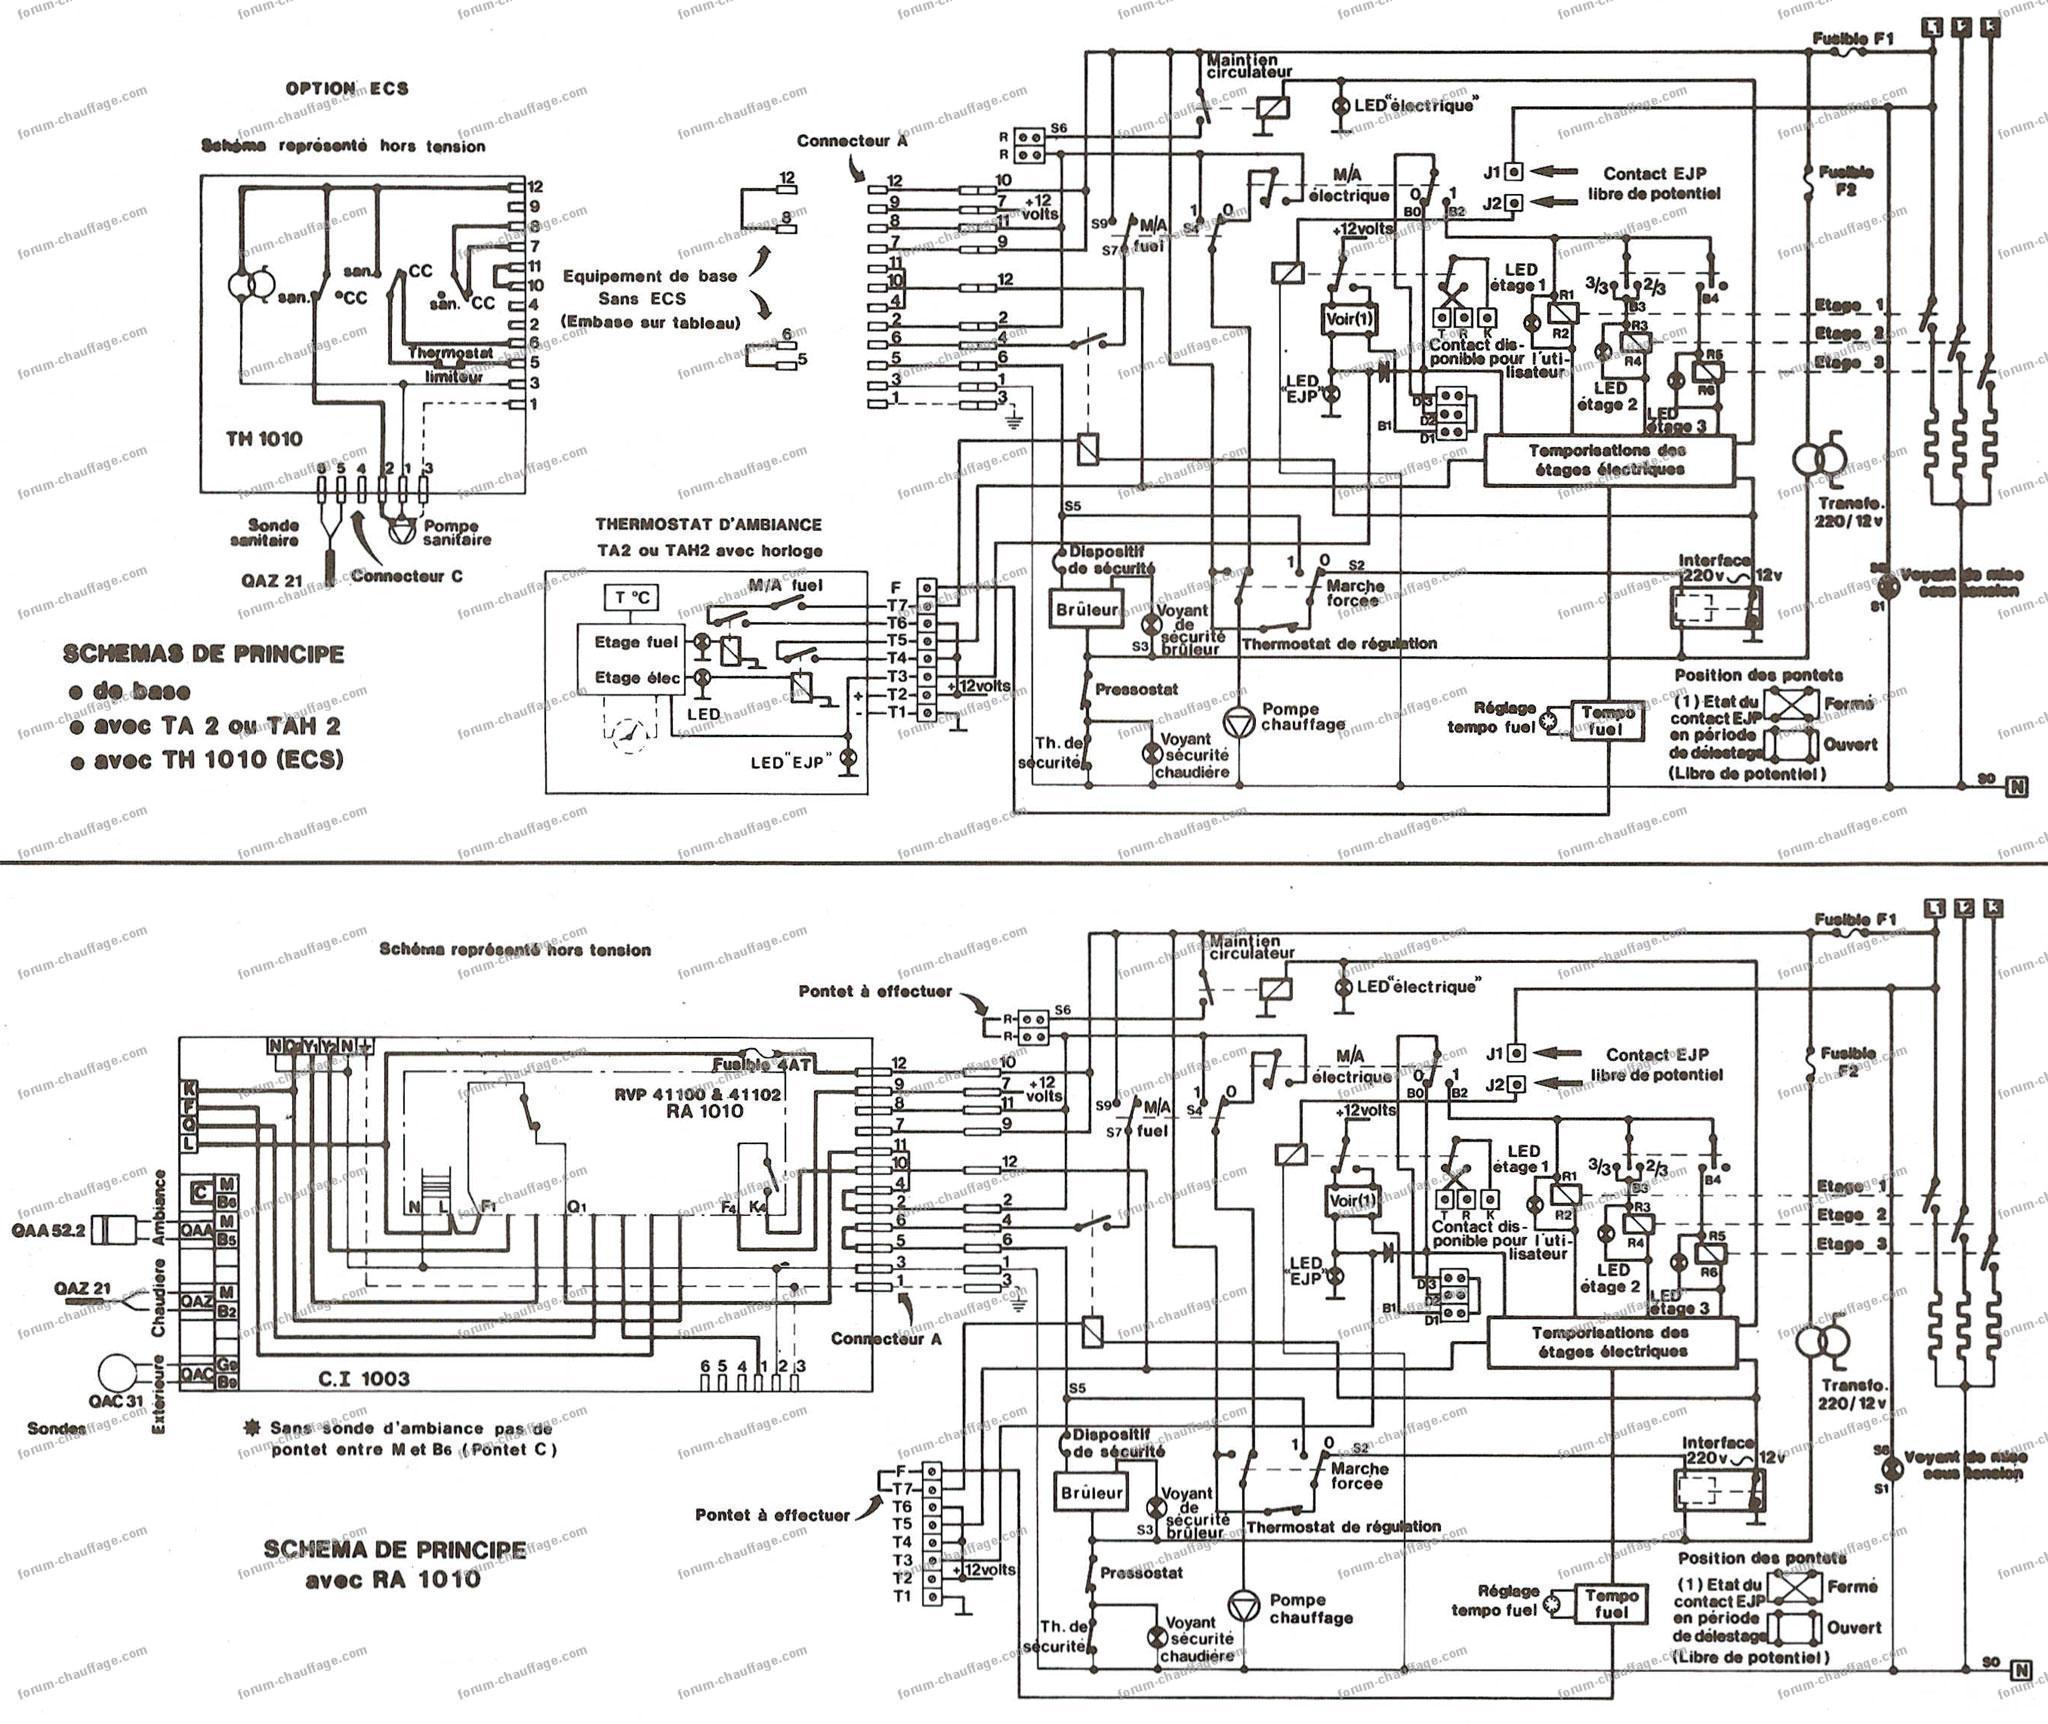 schema electrique ejp